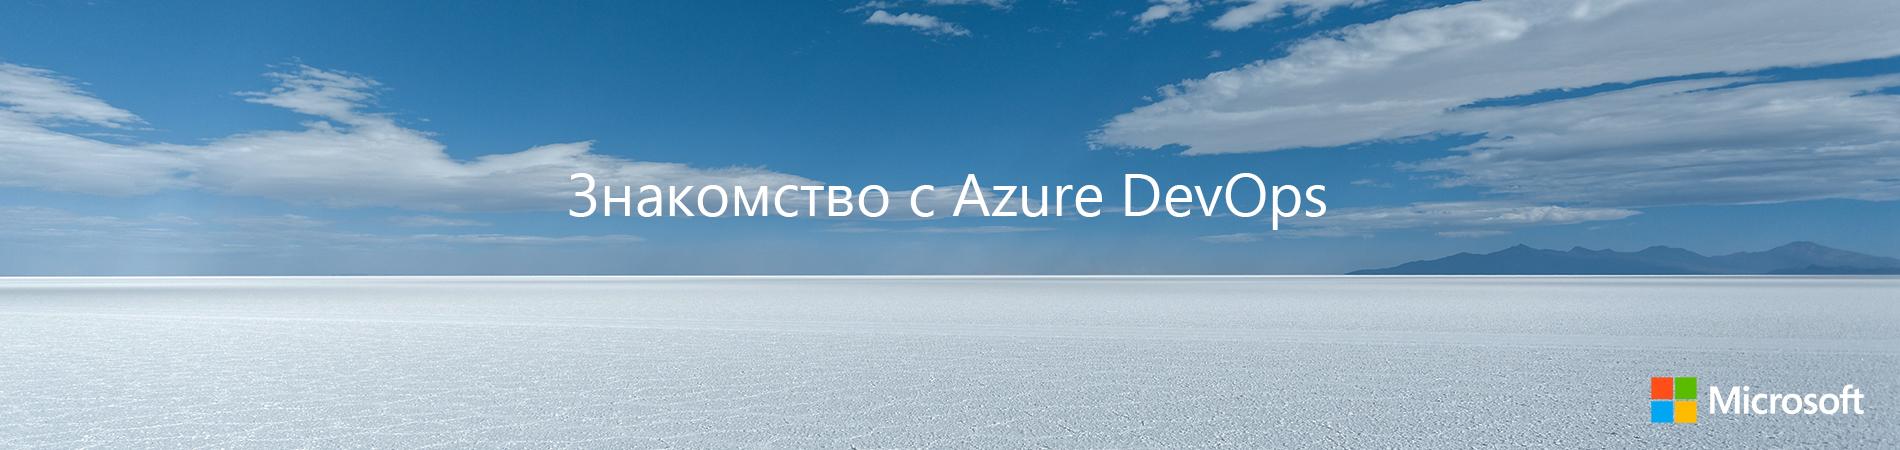 Acquaintance with Azure DevOps